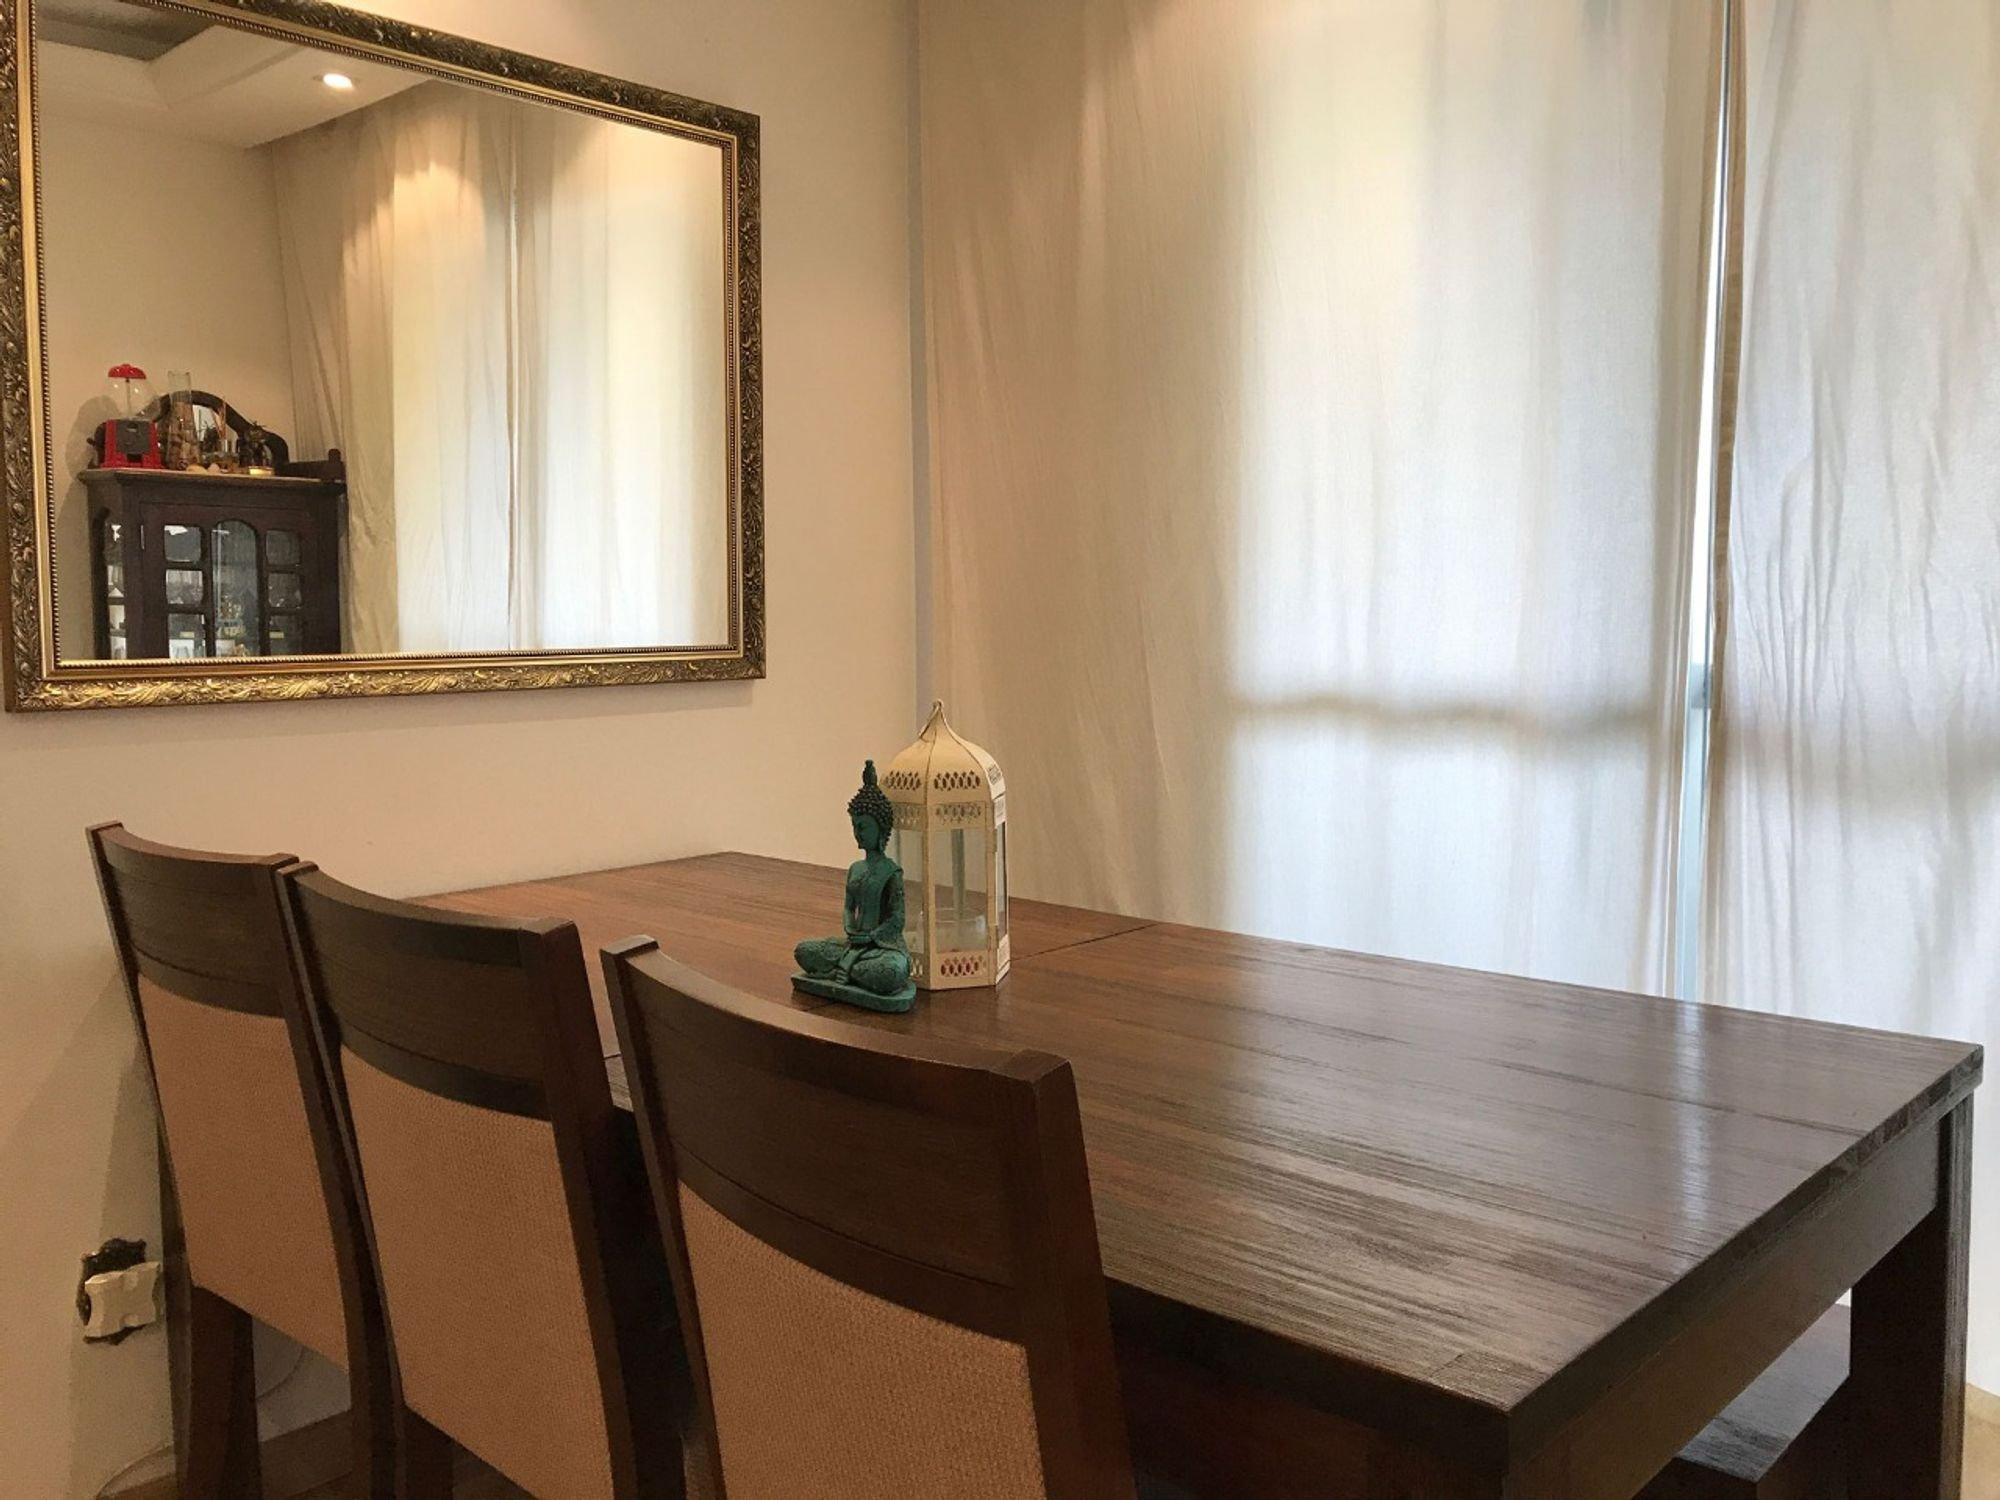 Foto de Sala com cadeira, garrafa, mesa de jantar